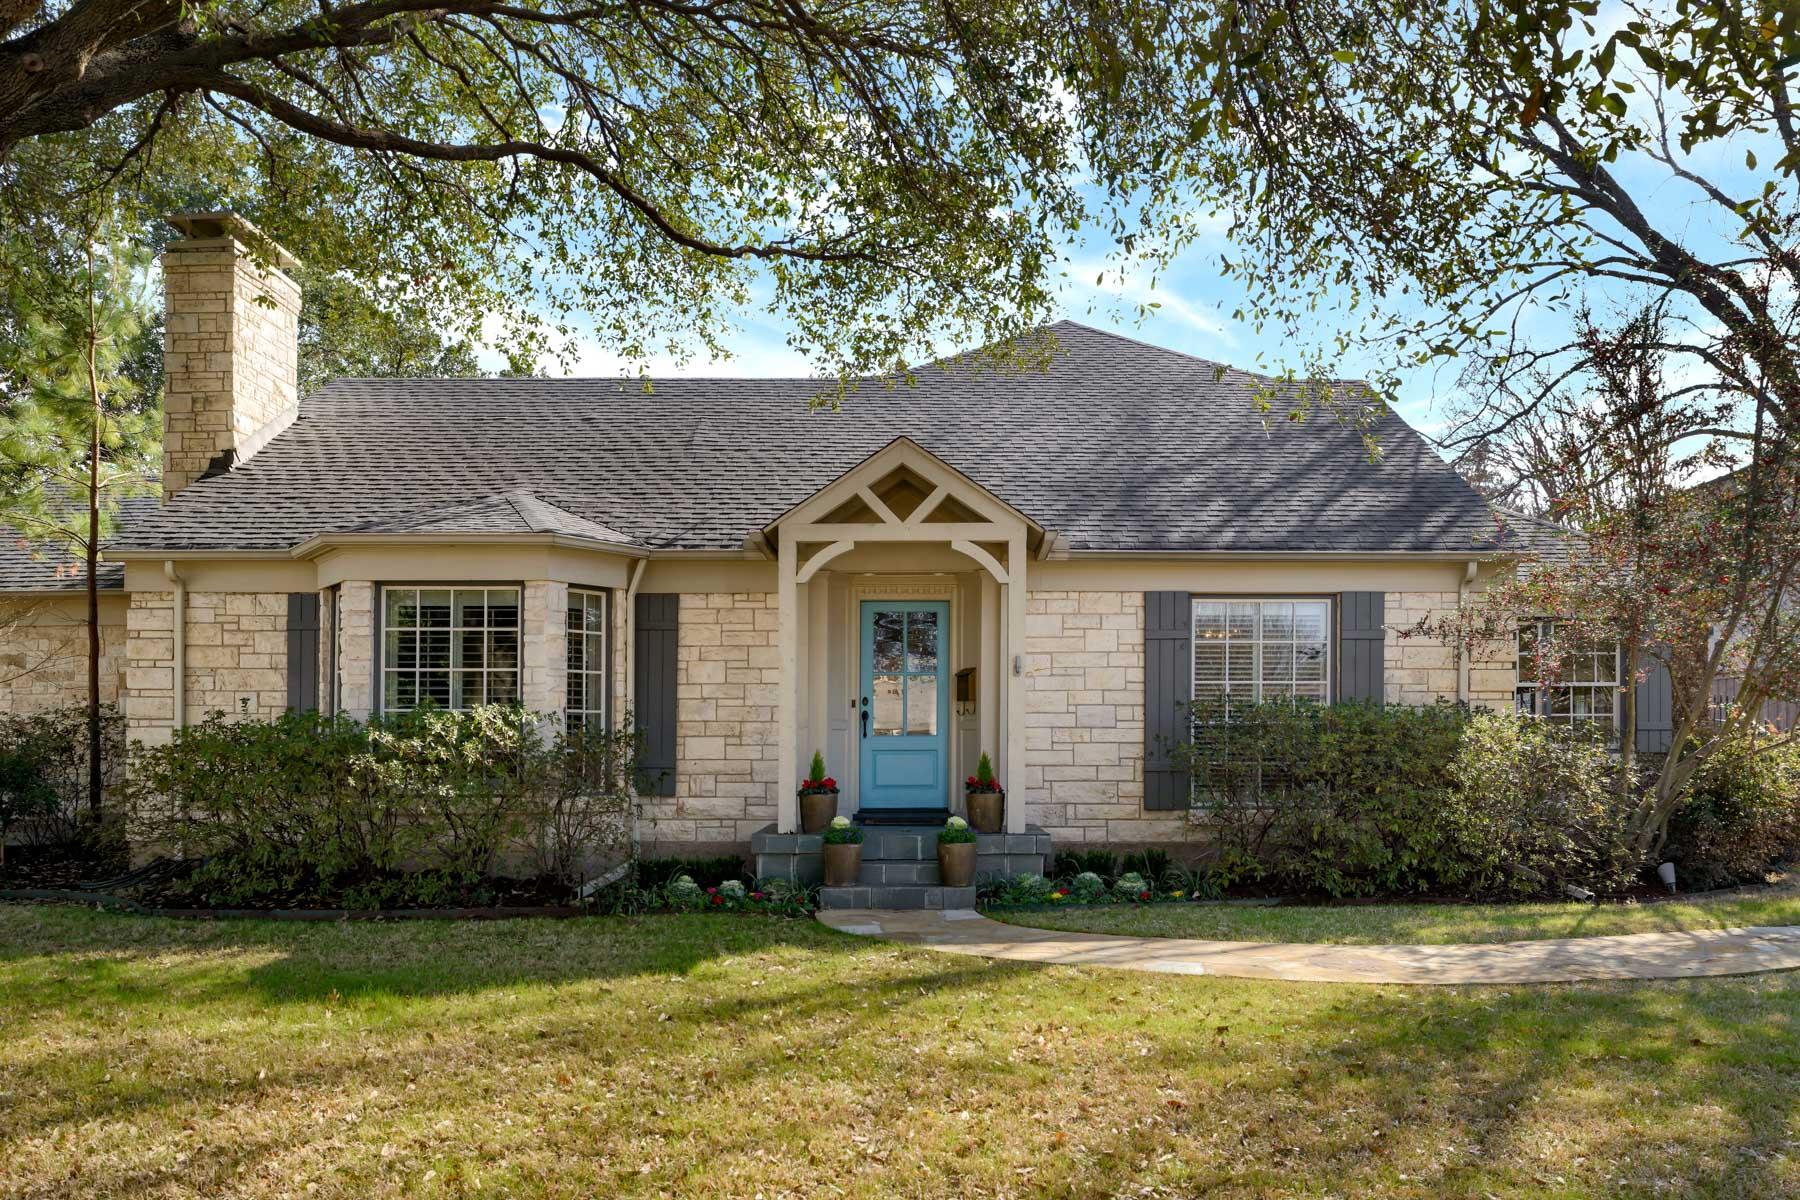 Частный односемейный дом для того Продажа на Updated Devonshire Ranch 5644 Caruth Blvd Dallas, Техас, 75209 Соединенные Штаты